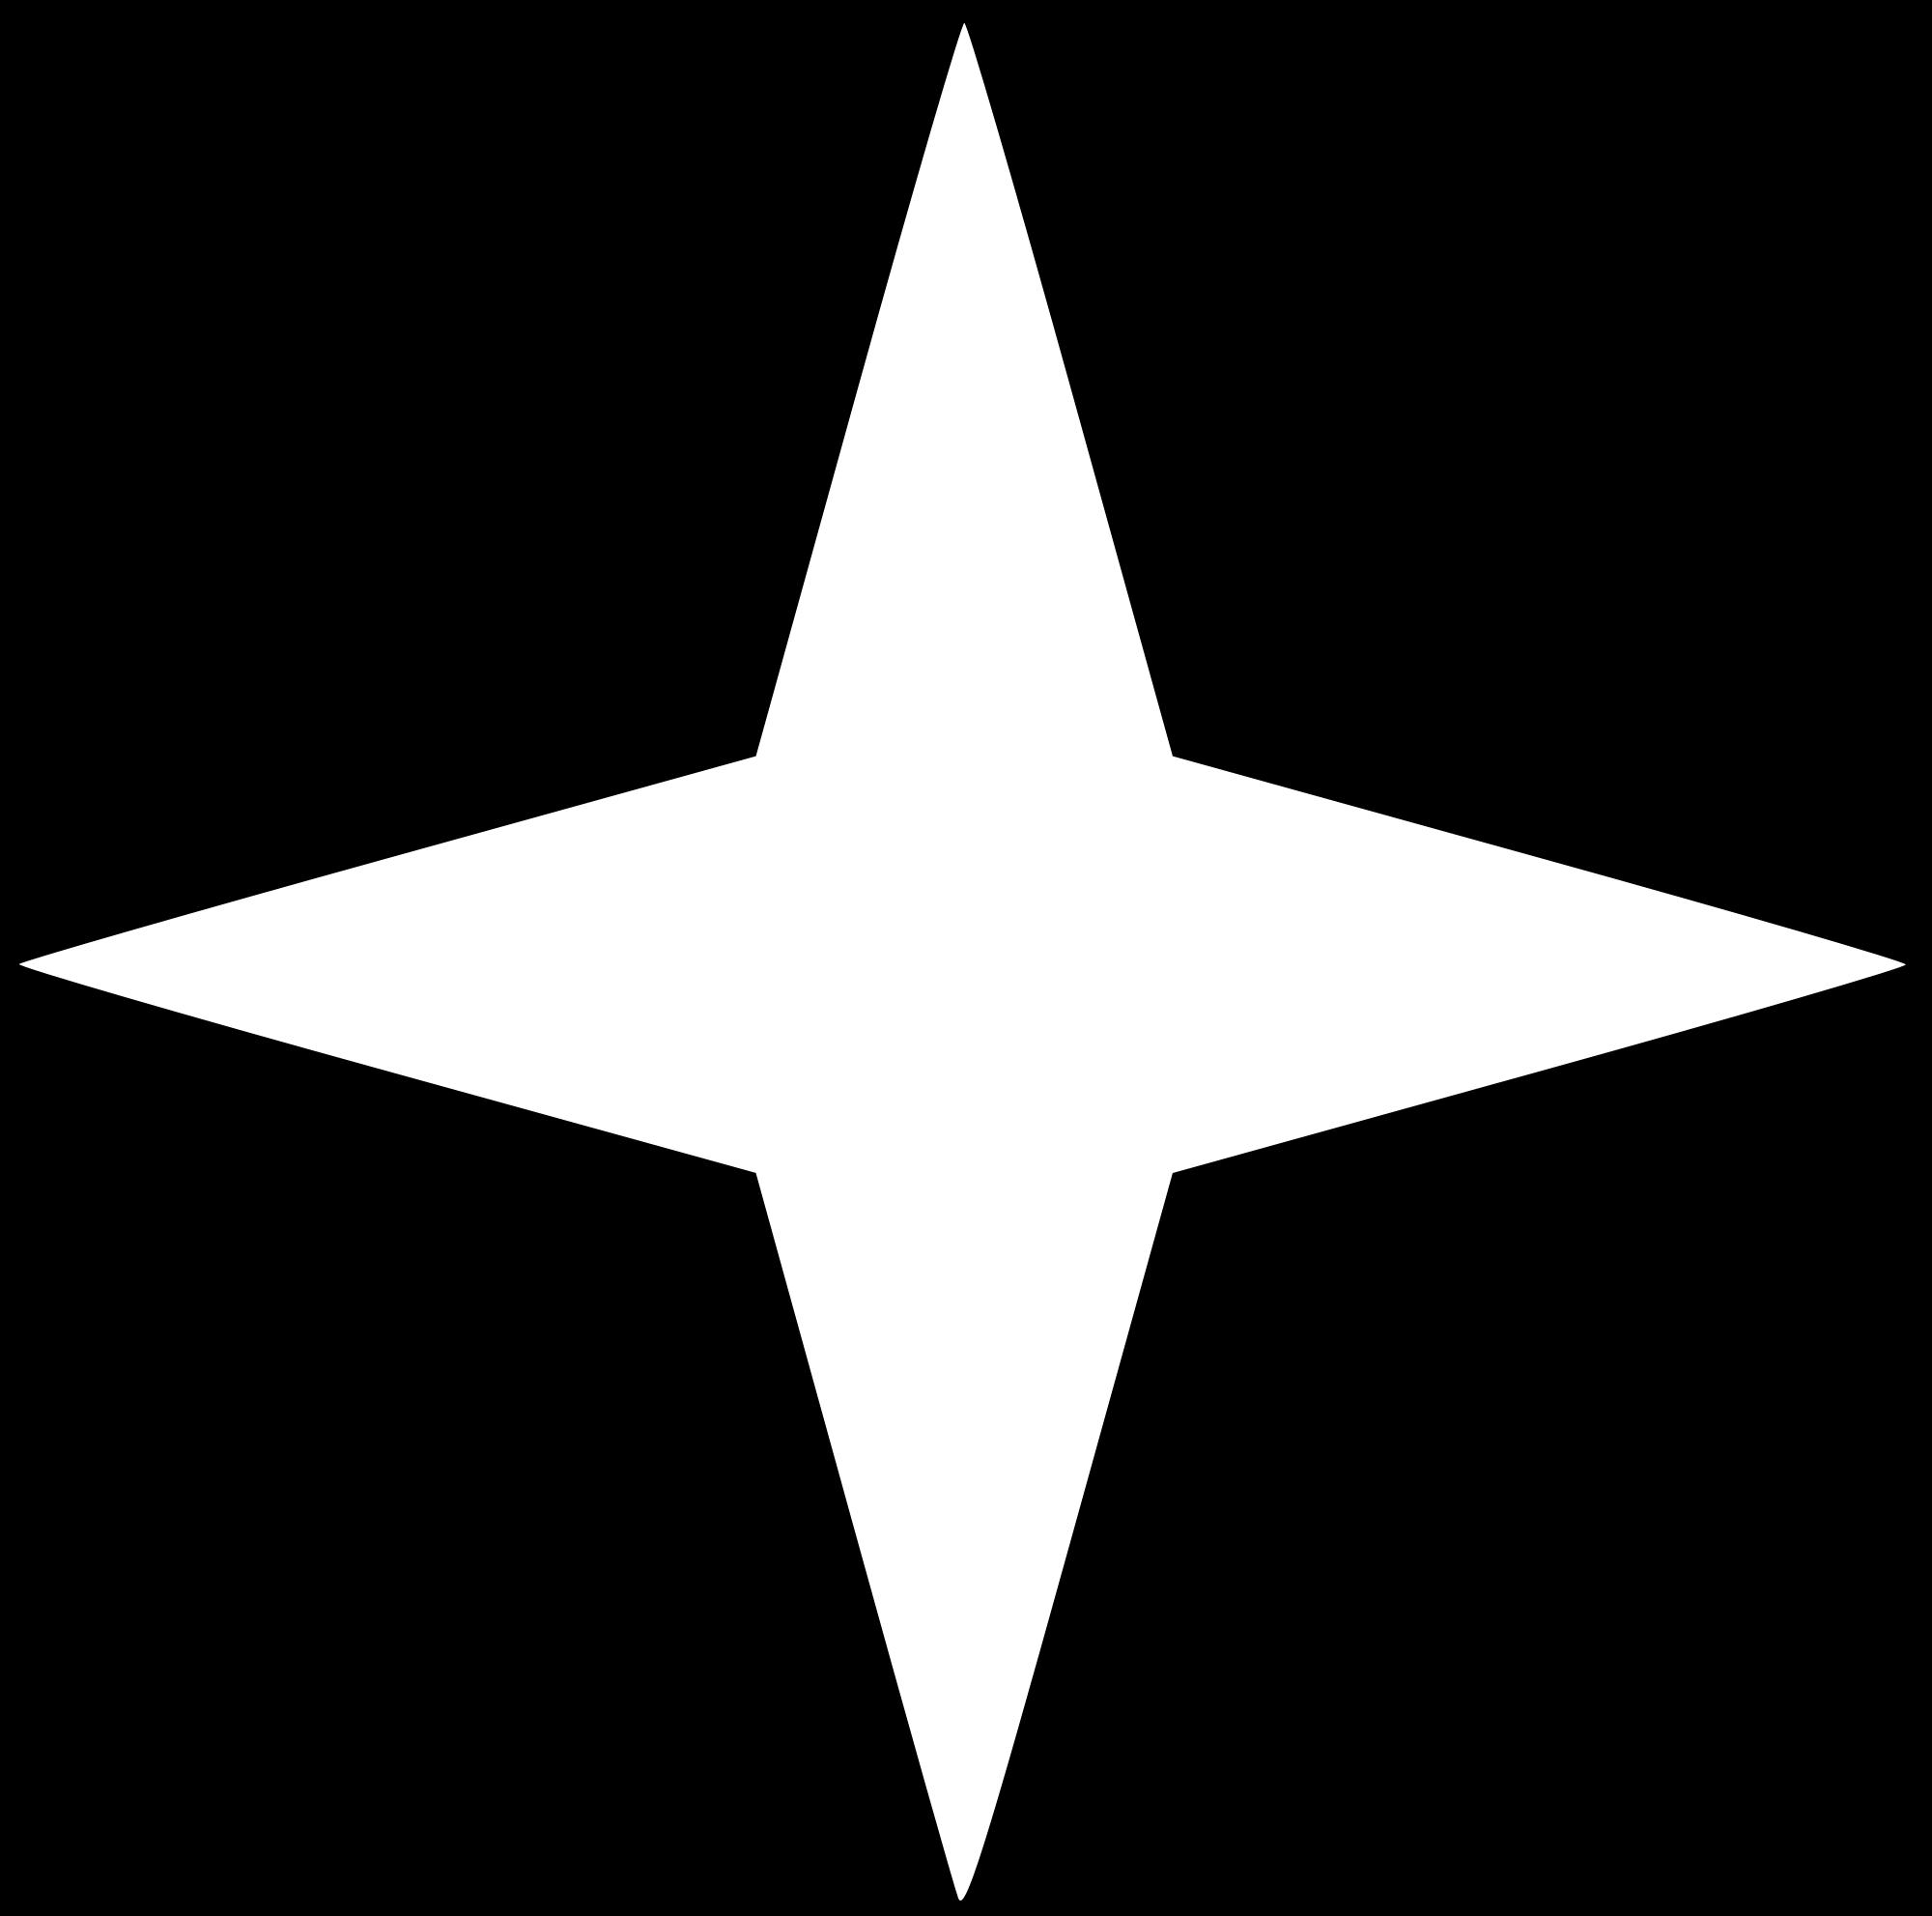 середины звезды раскраска на прозрачном фоне сколько всевозможных